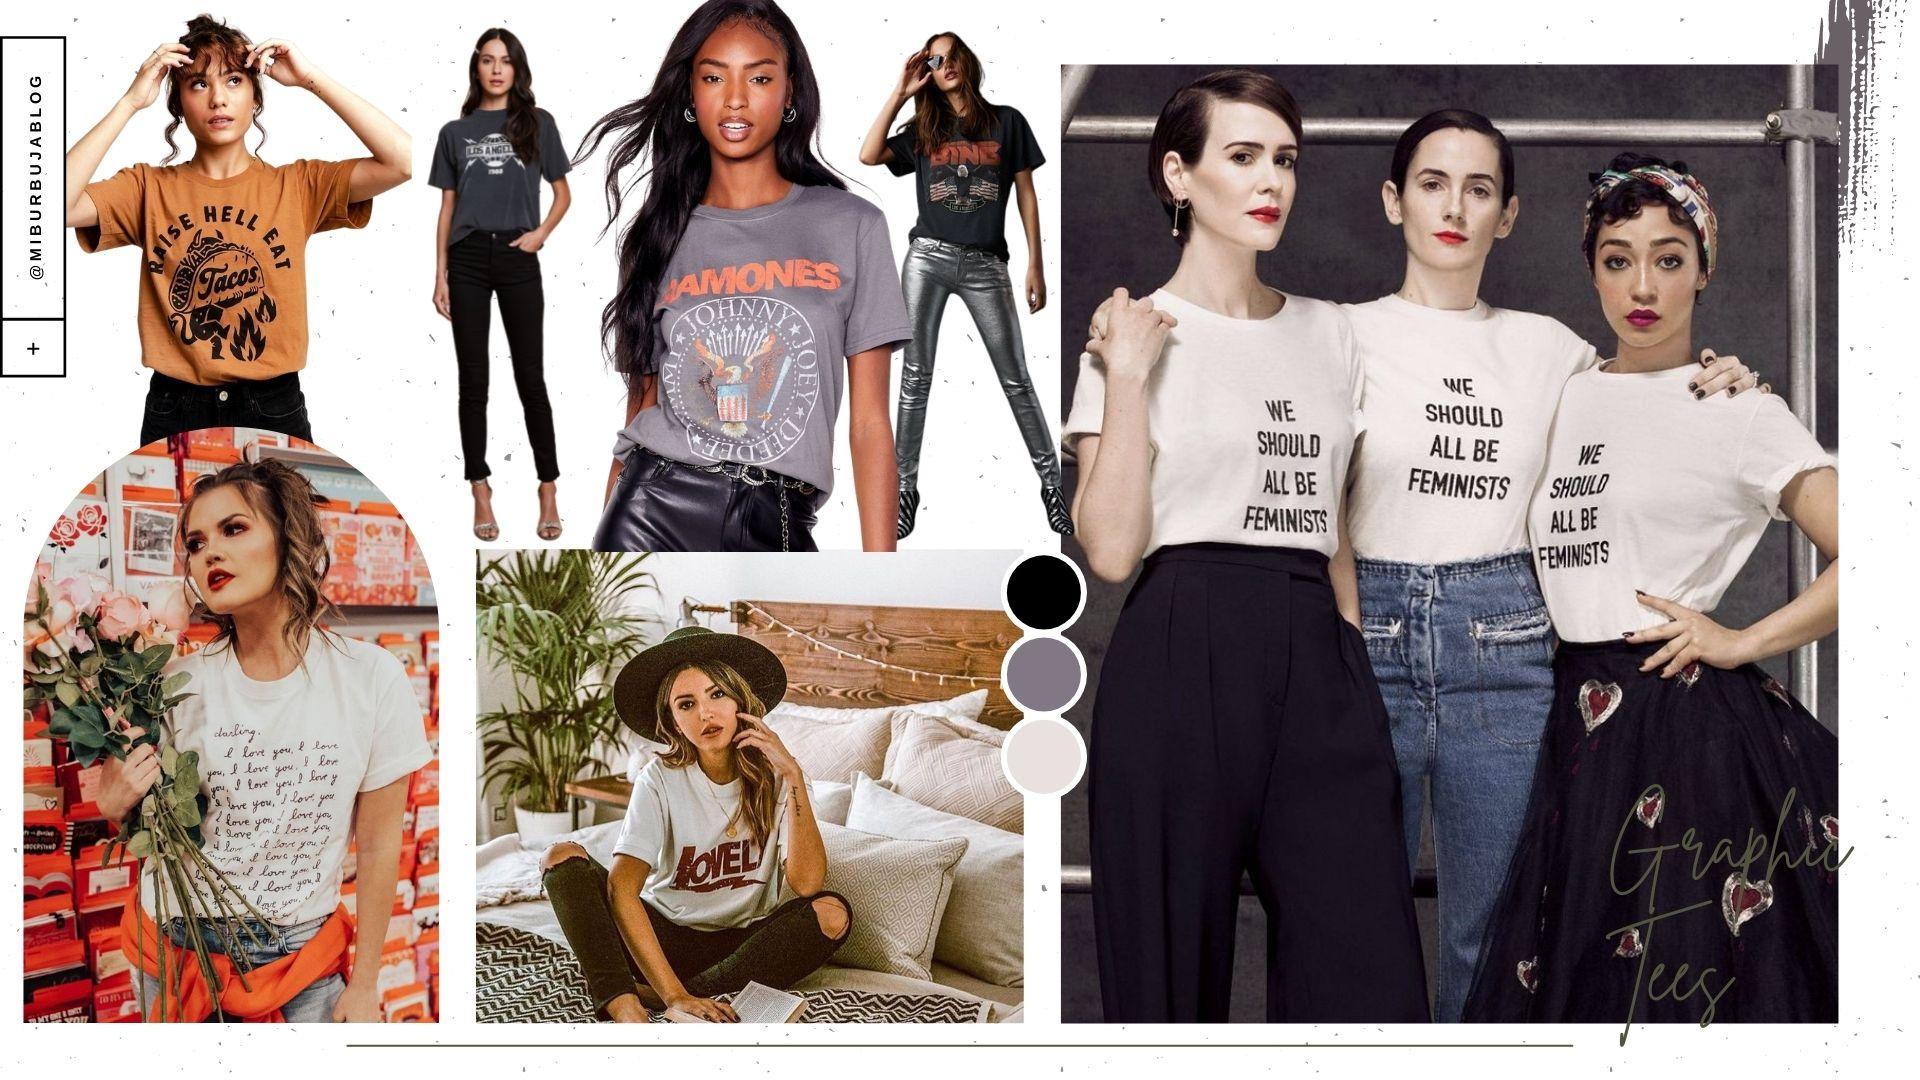 Camisetas impresas: un básico transformado en tendencia